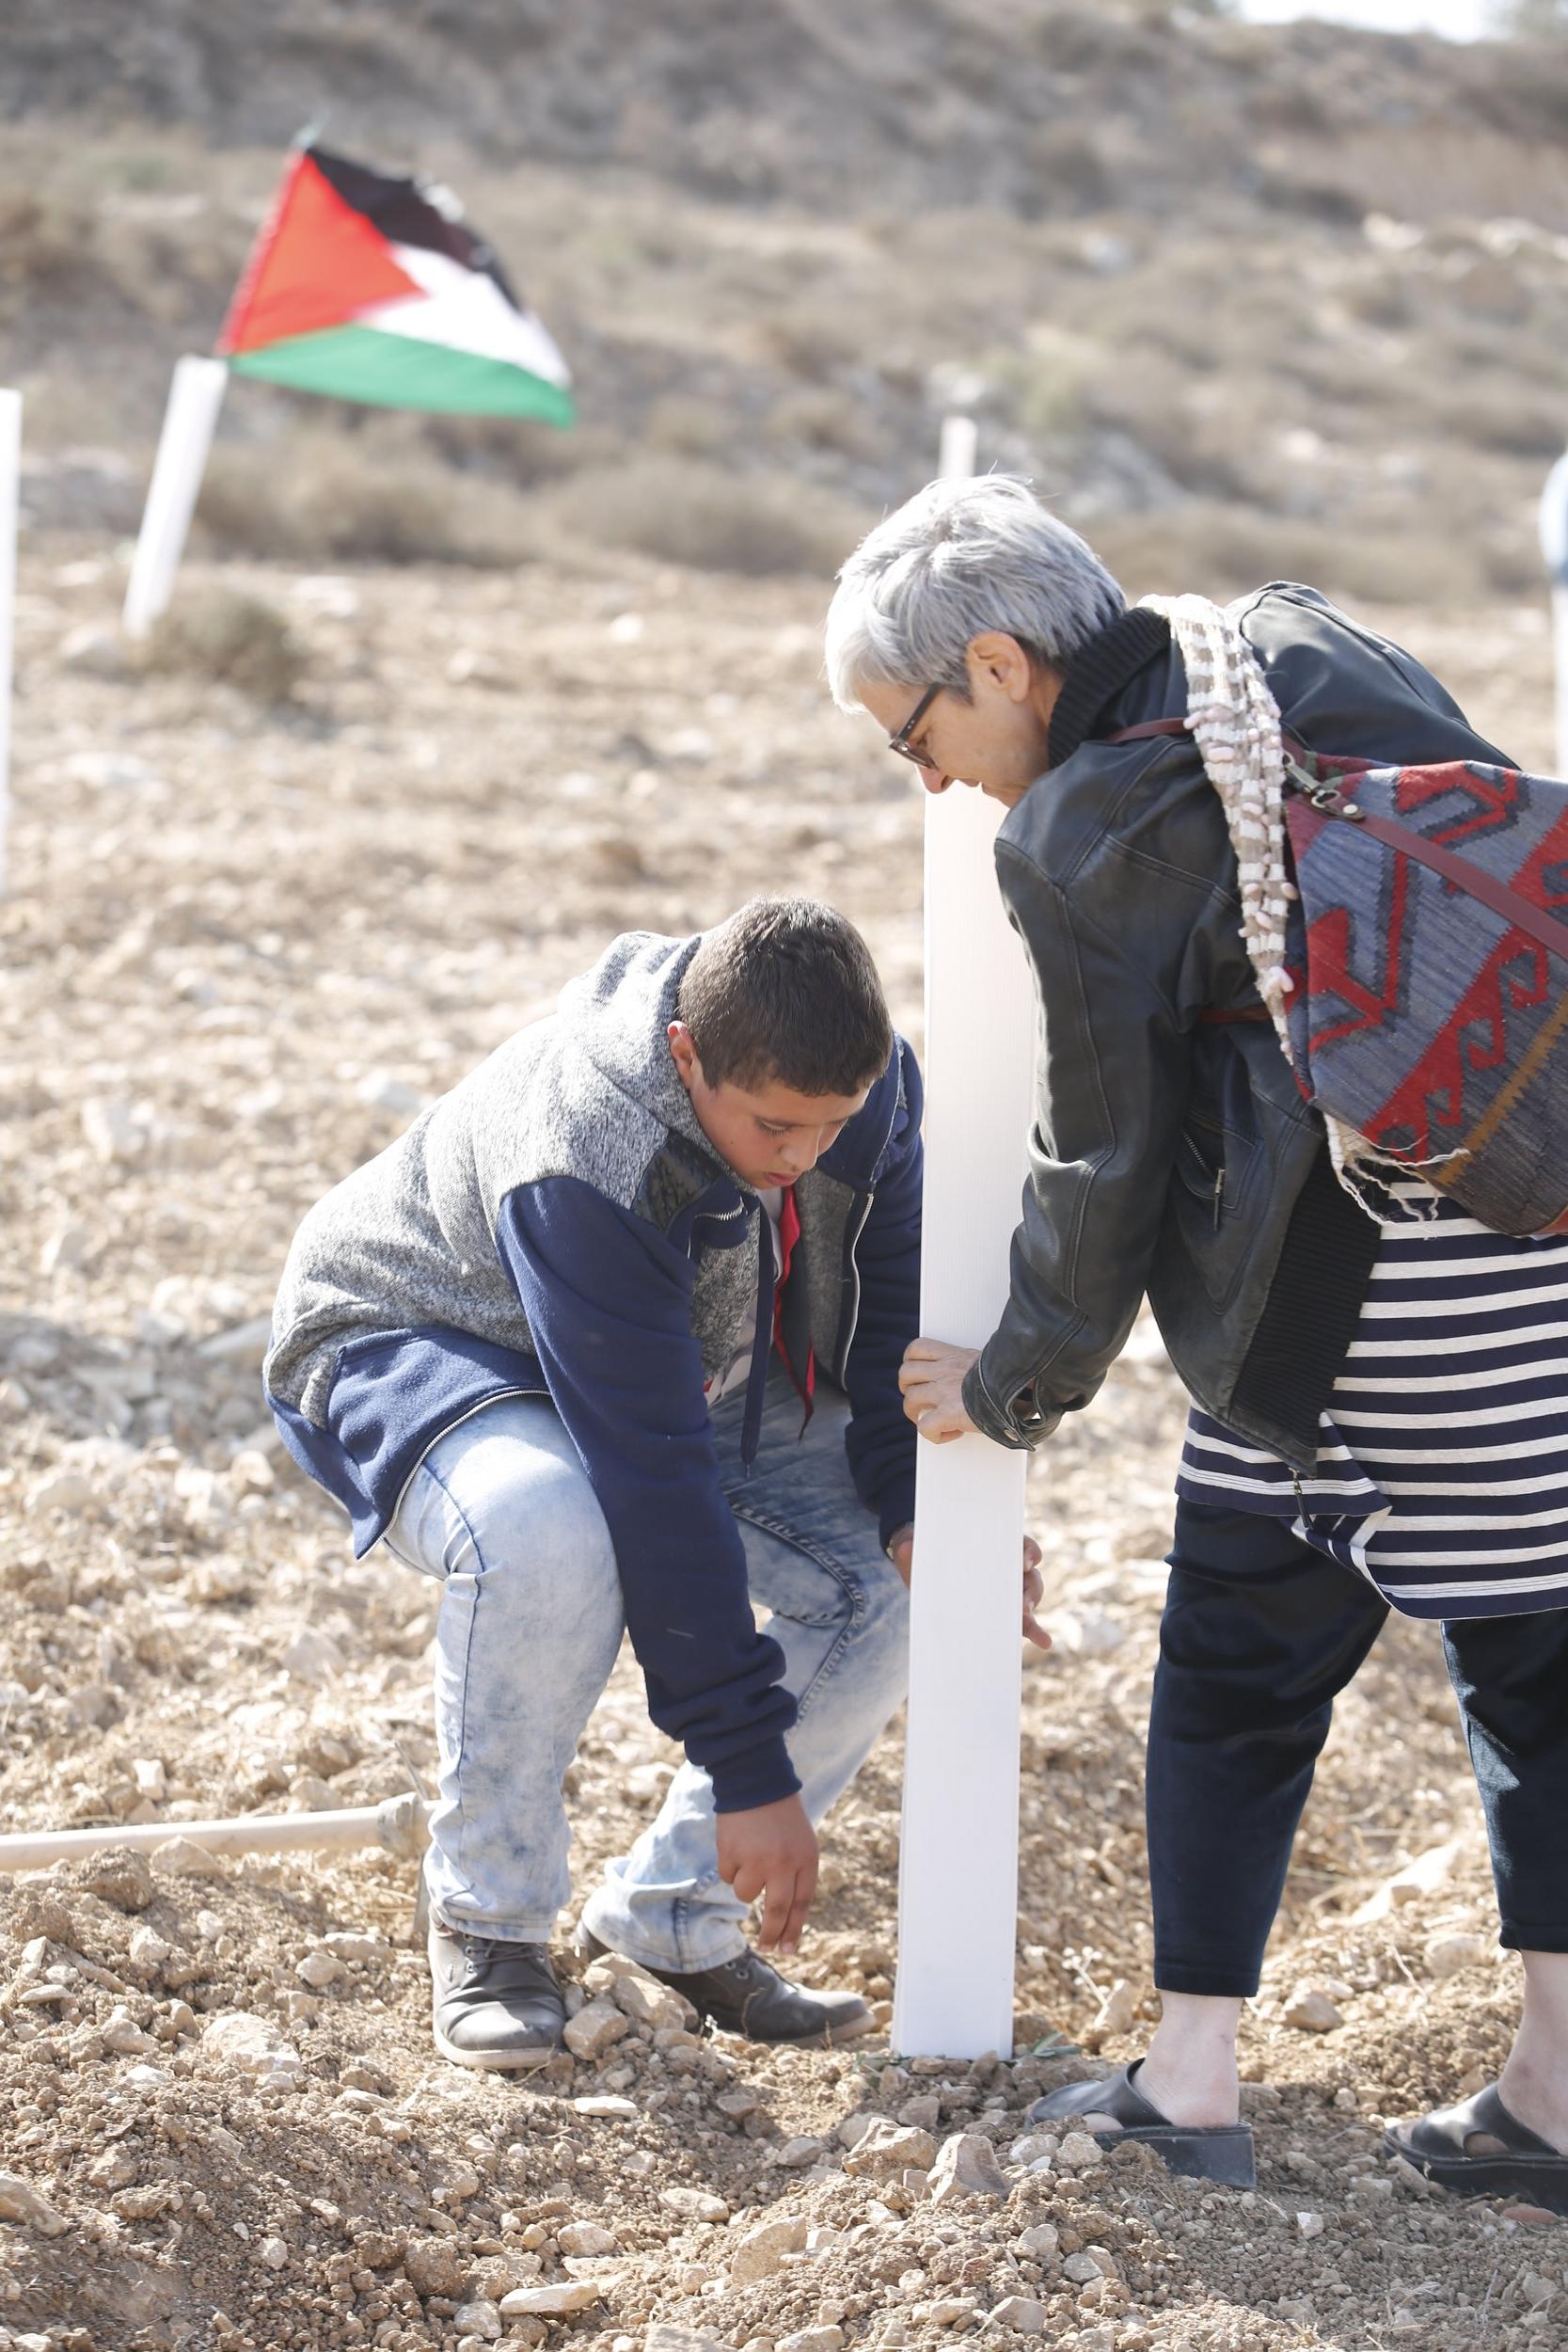 Angela Godfrey hielp Plant een Olijfboom met het helpen van  1100 olijfbomen voor Dominee Ader , nov 2016 Foto Haitham Khatib/Plant een Olijfboom